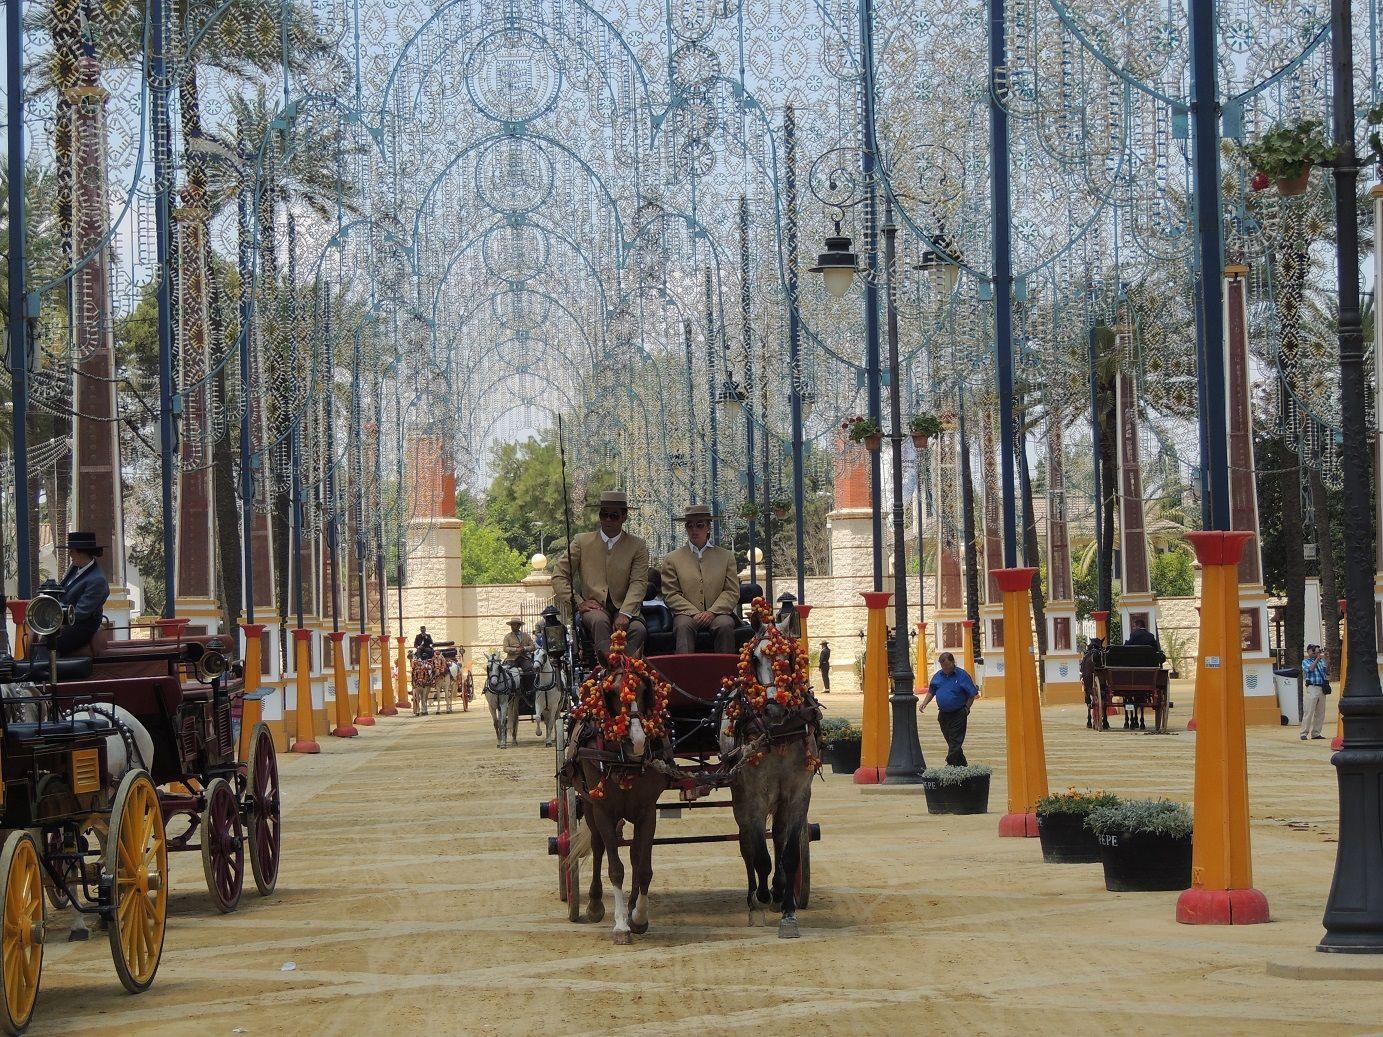 Feria de Jerez (Jerez de la Frontera, Cádiz) - Si algo sabemos hacer en Andalucía es vivir la vida con intensidad y por eso tenemos las mejores ferias del mundo como la famosa feria de Jerez y su mundialmente conocido paseo de carruajes de caballos.